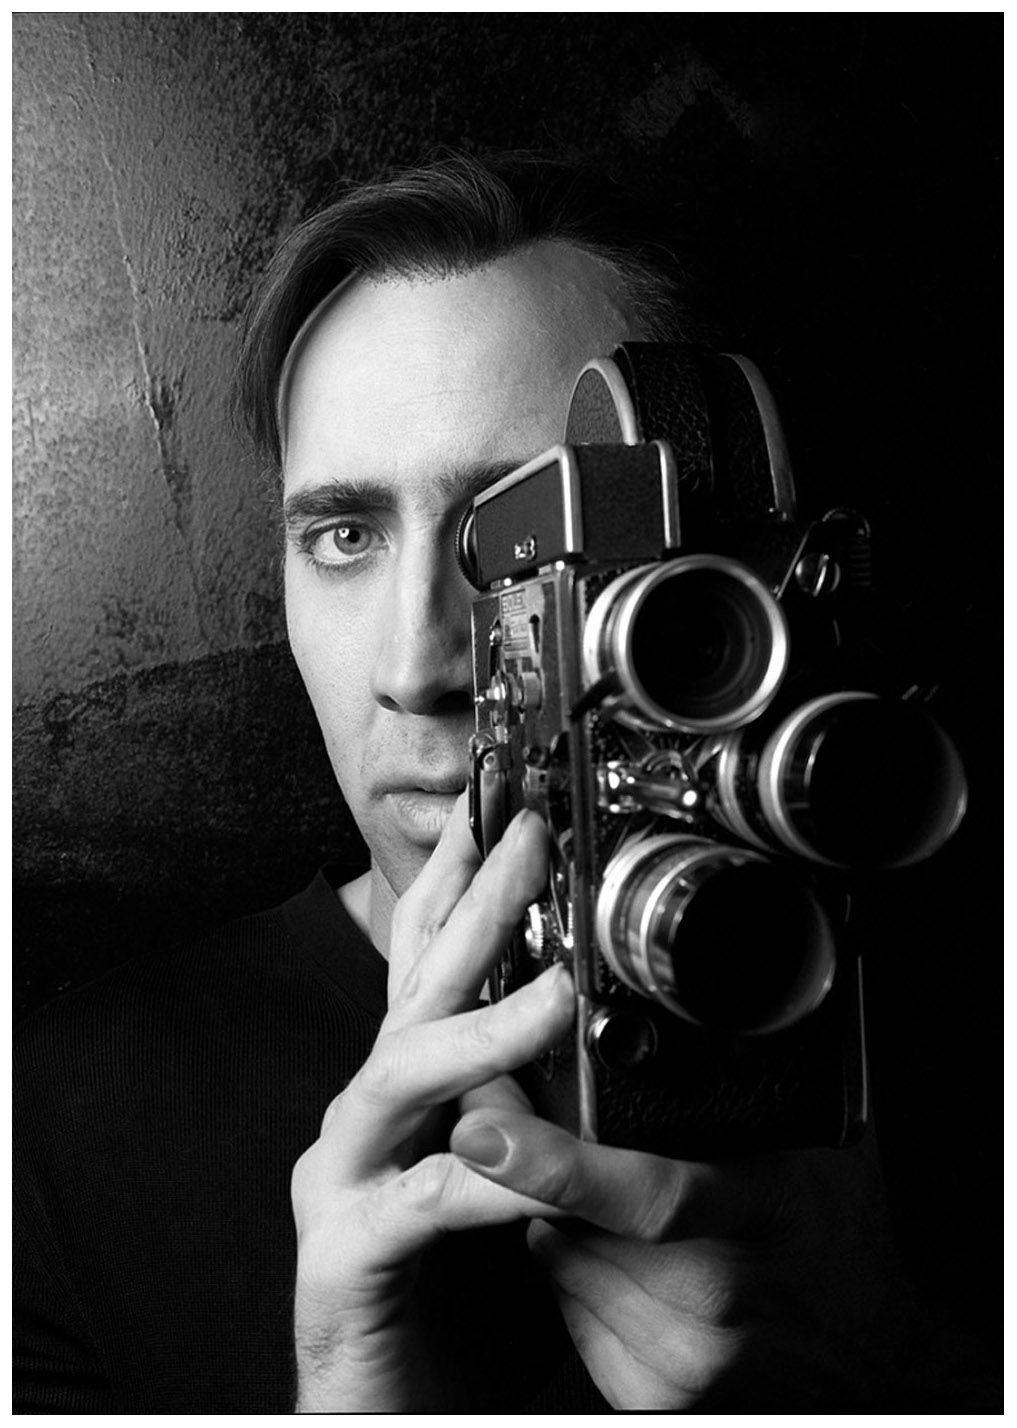 17 Awesome Celebrity Photobombs - bolt3.com